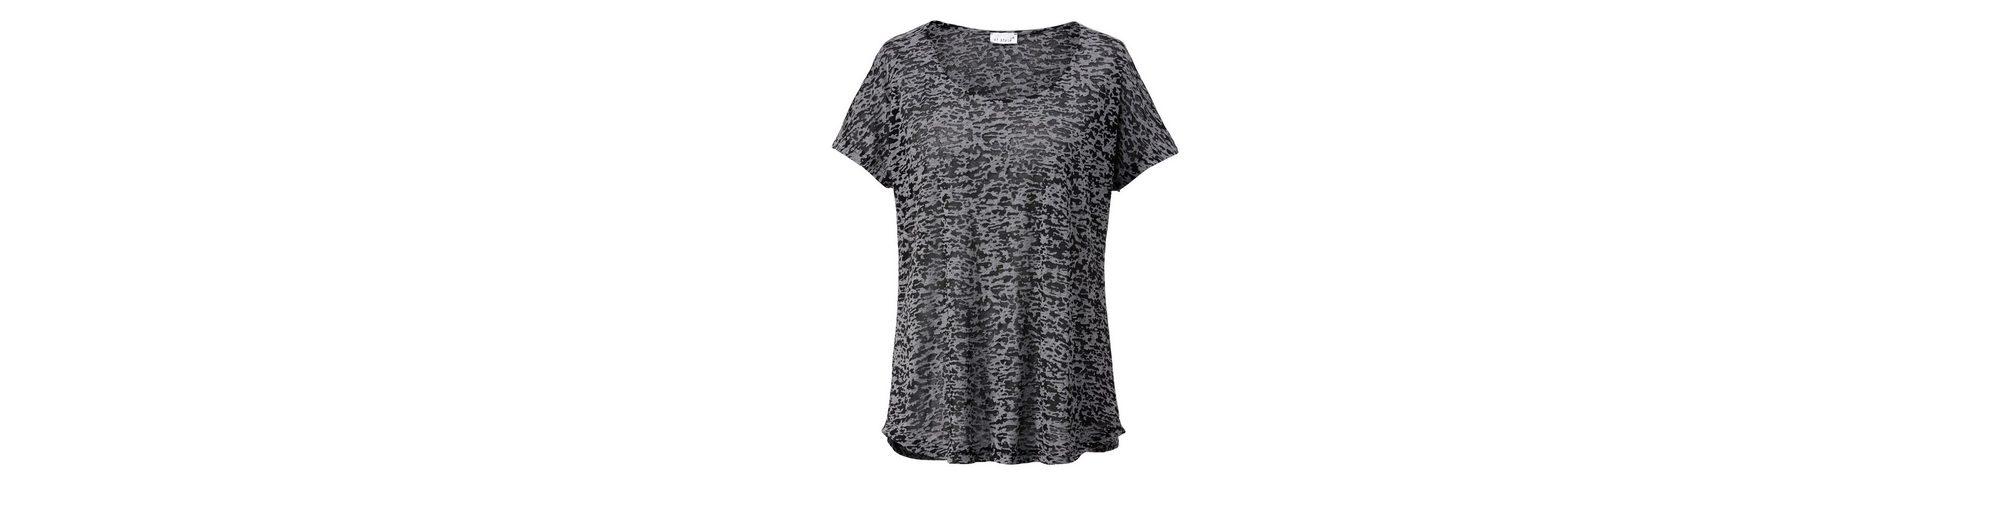 Angel of Style by Happy Size Shirt Spielraum Bester Großhandel Billig Verkauf Kauf dThRae